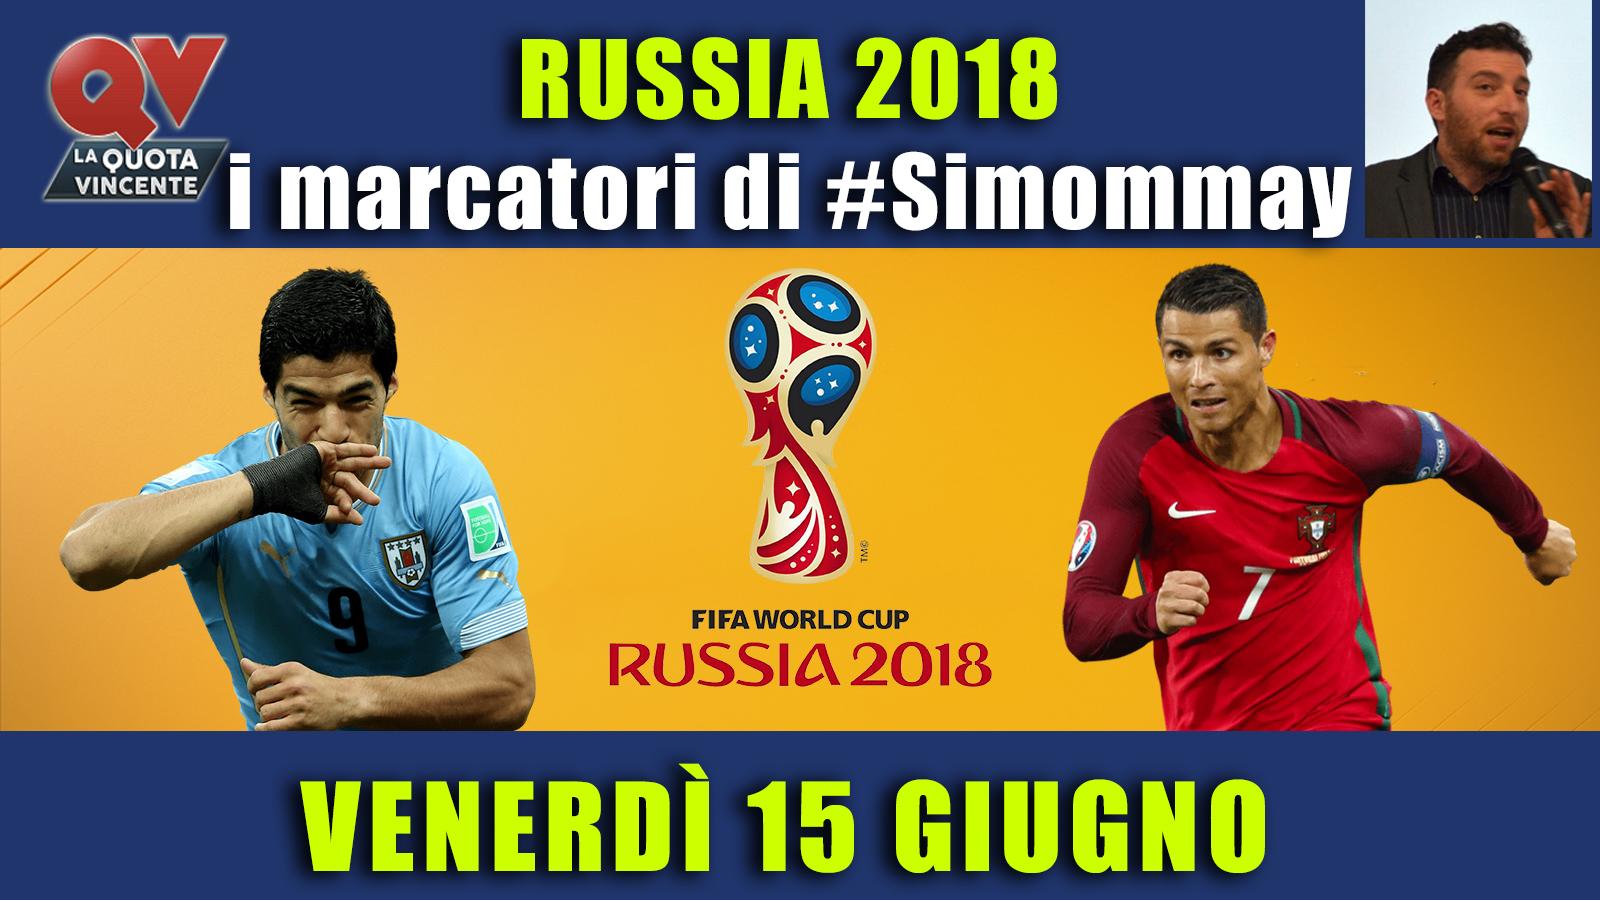 Pronostici marcatori Mondiali 15 giugno: le scelte di #Simommay